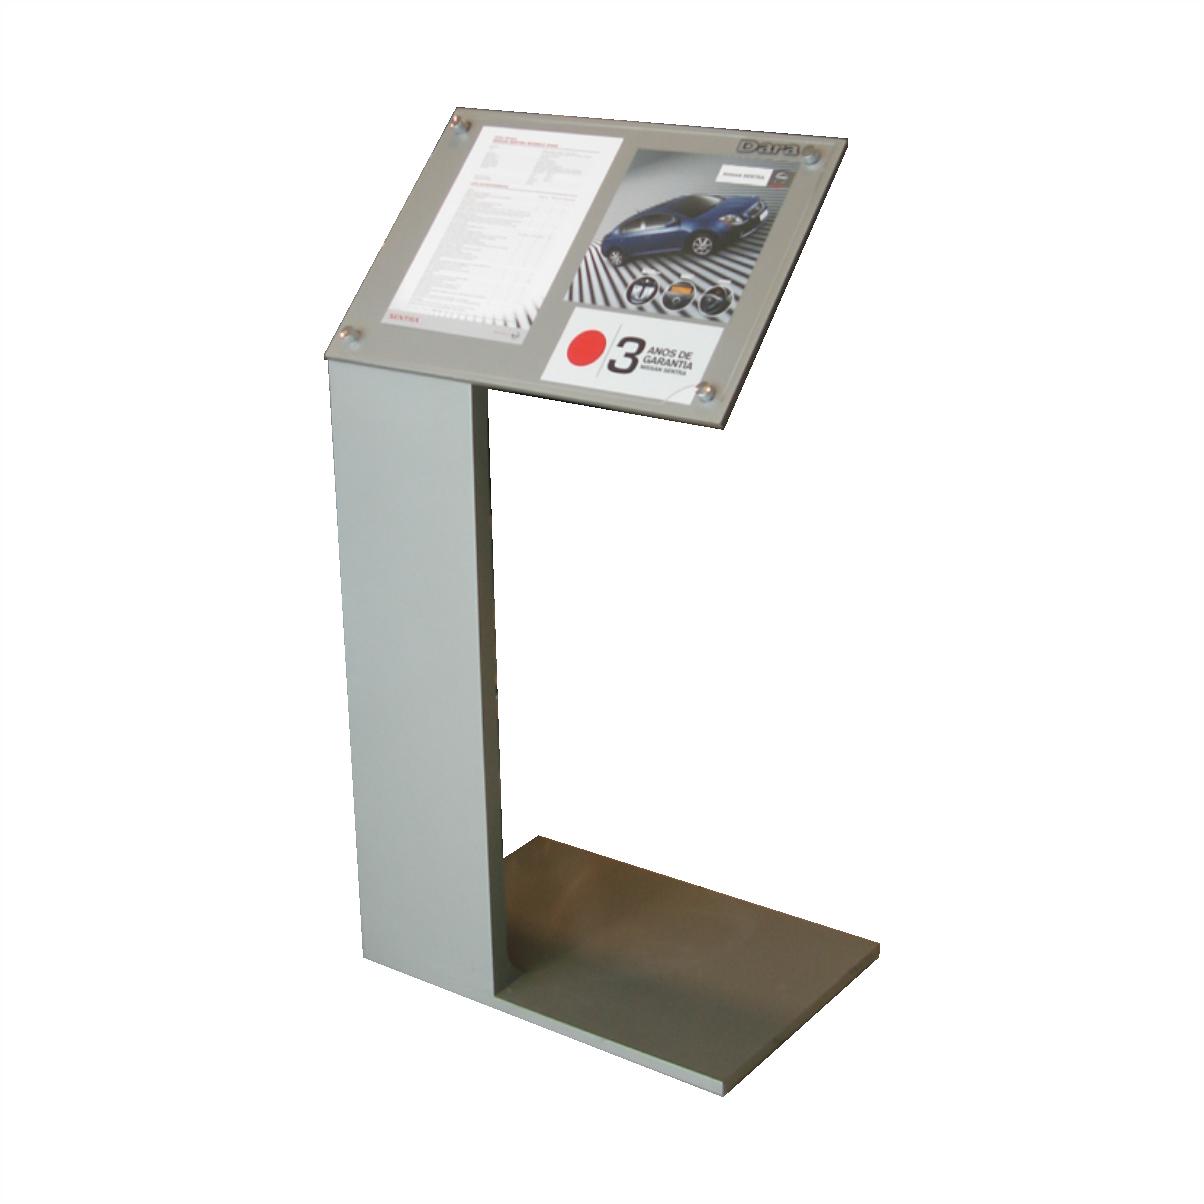 af3c01cc3a7 Nissan – Display para Especificações Técnicas produto